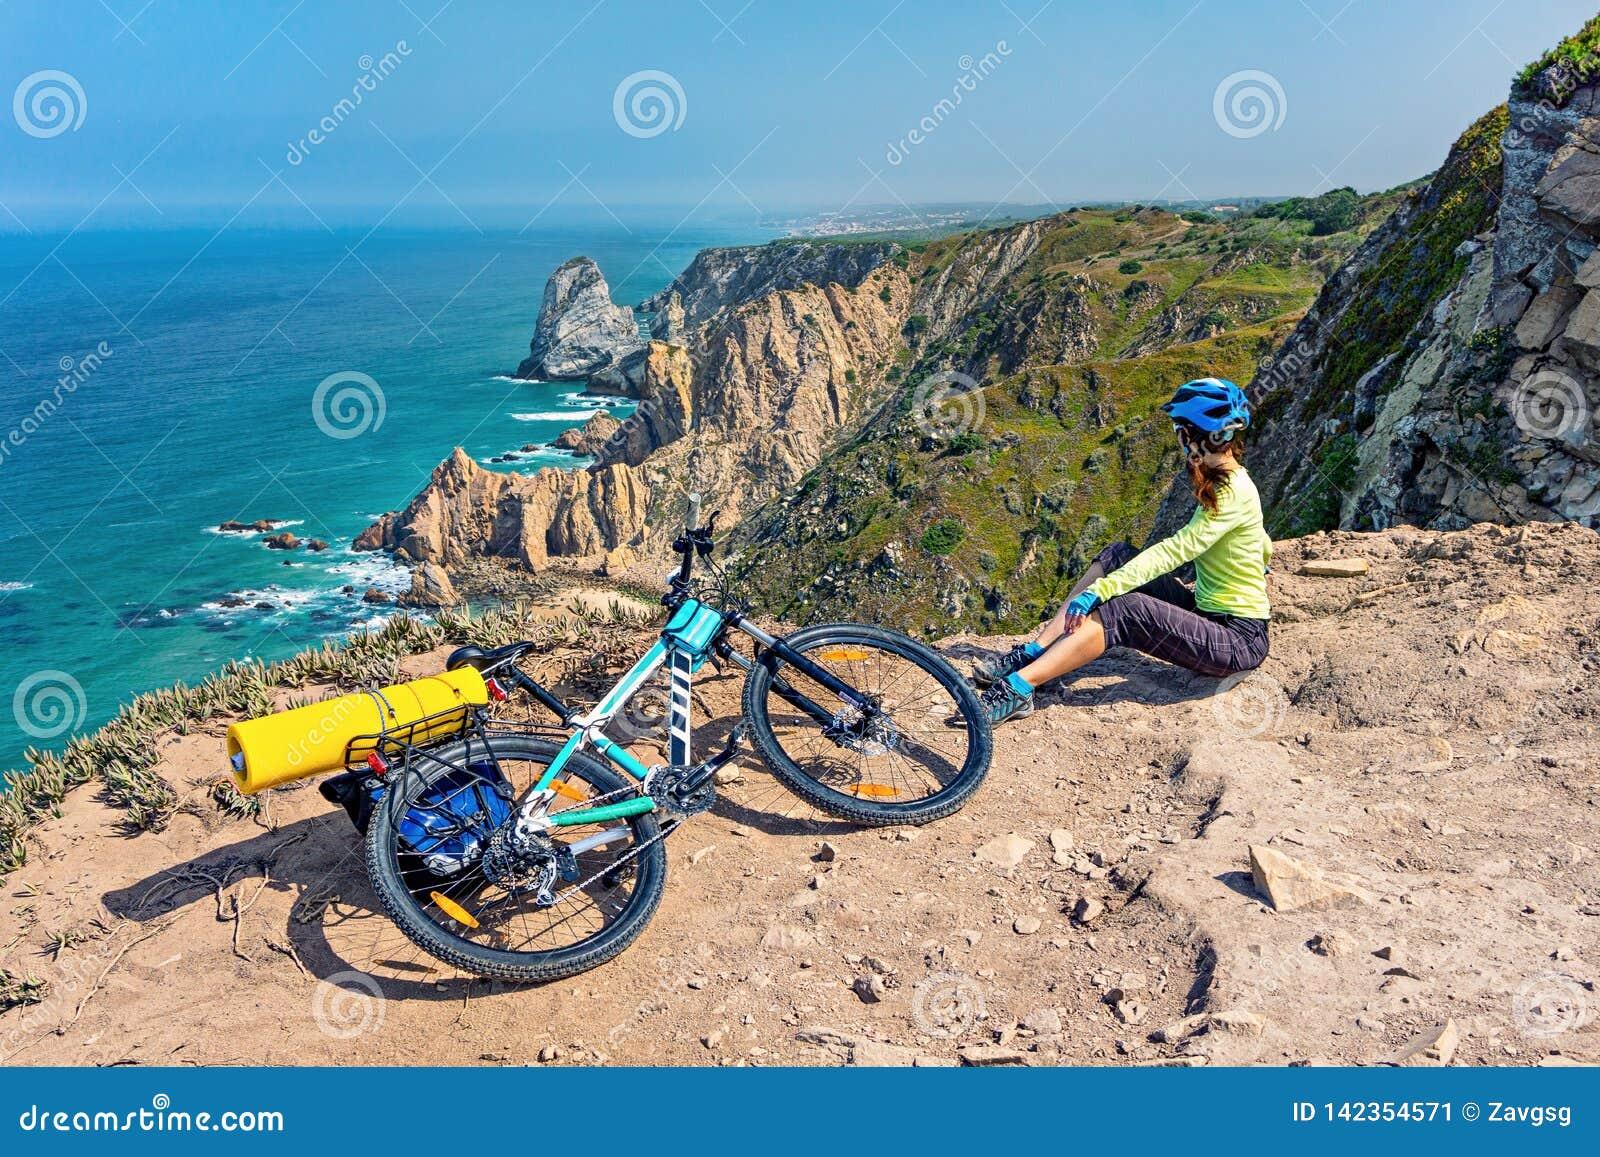 Erwachsener attraktiver weiblicher Radfahrer mit ihrer Mountainbike sitzt auf einer felsigen Küste des Ozeans